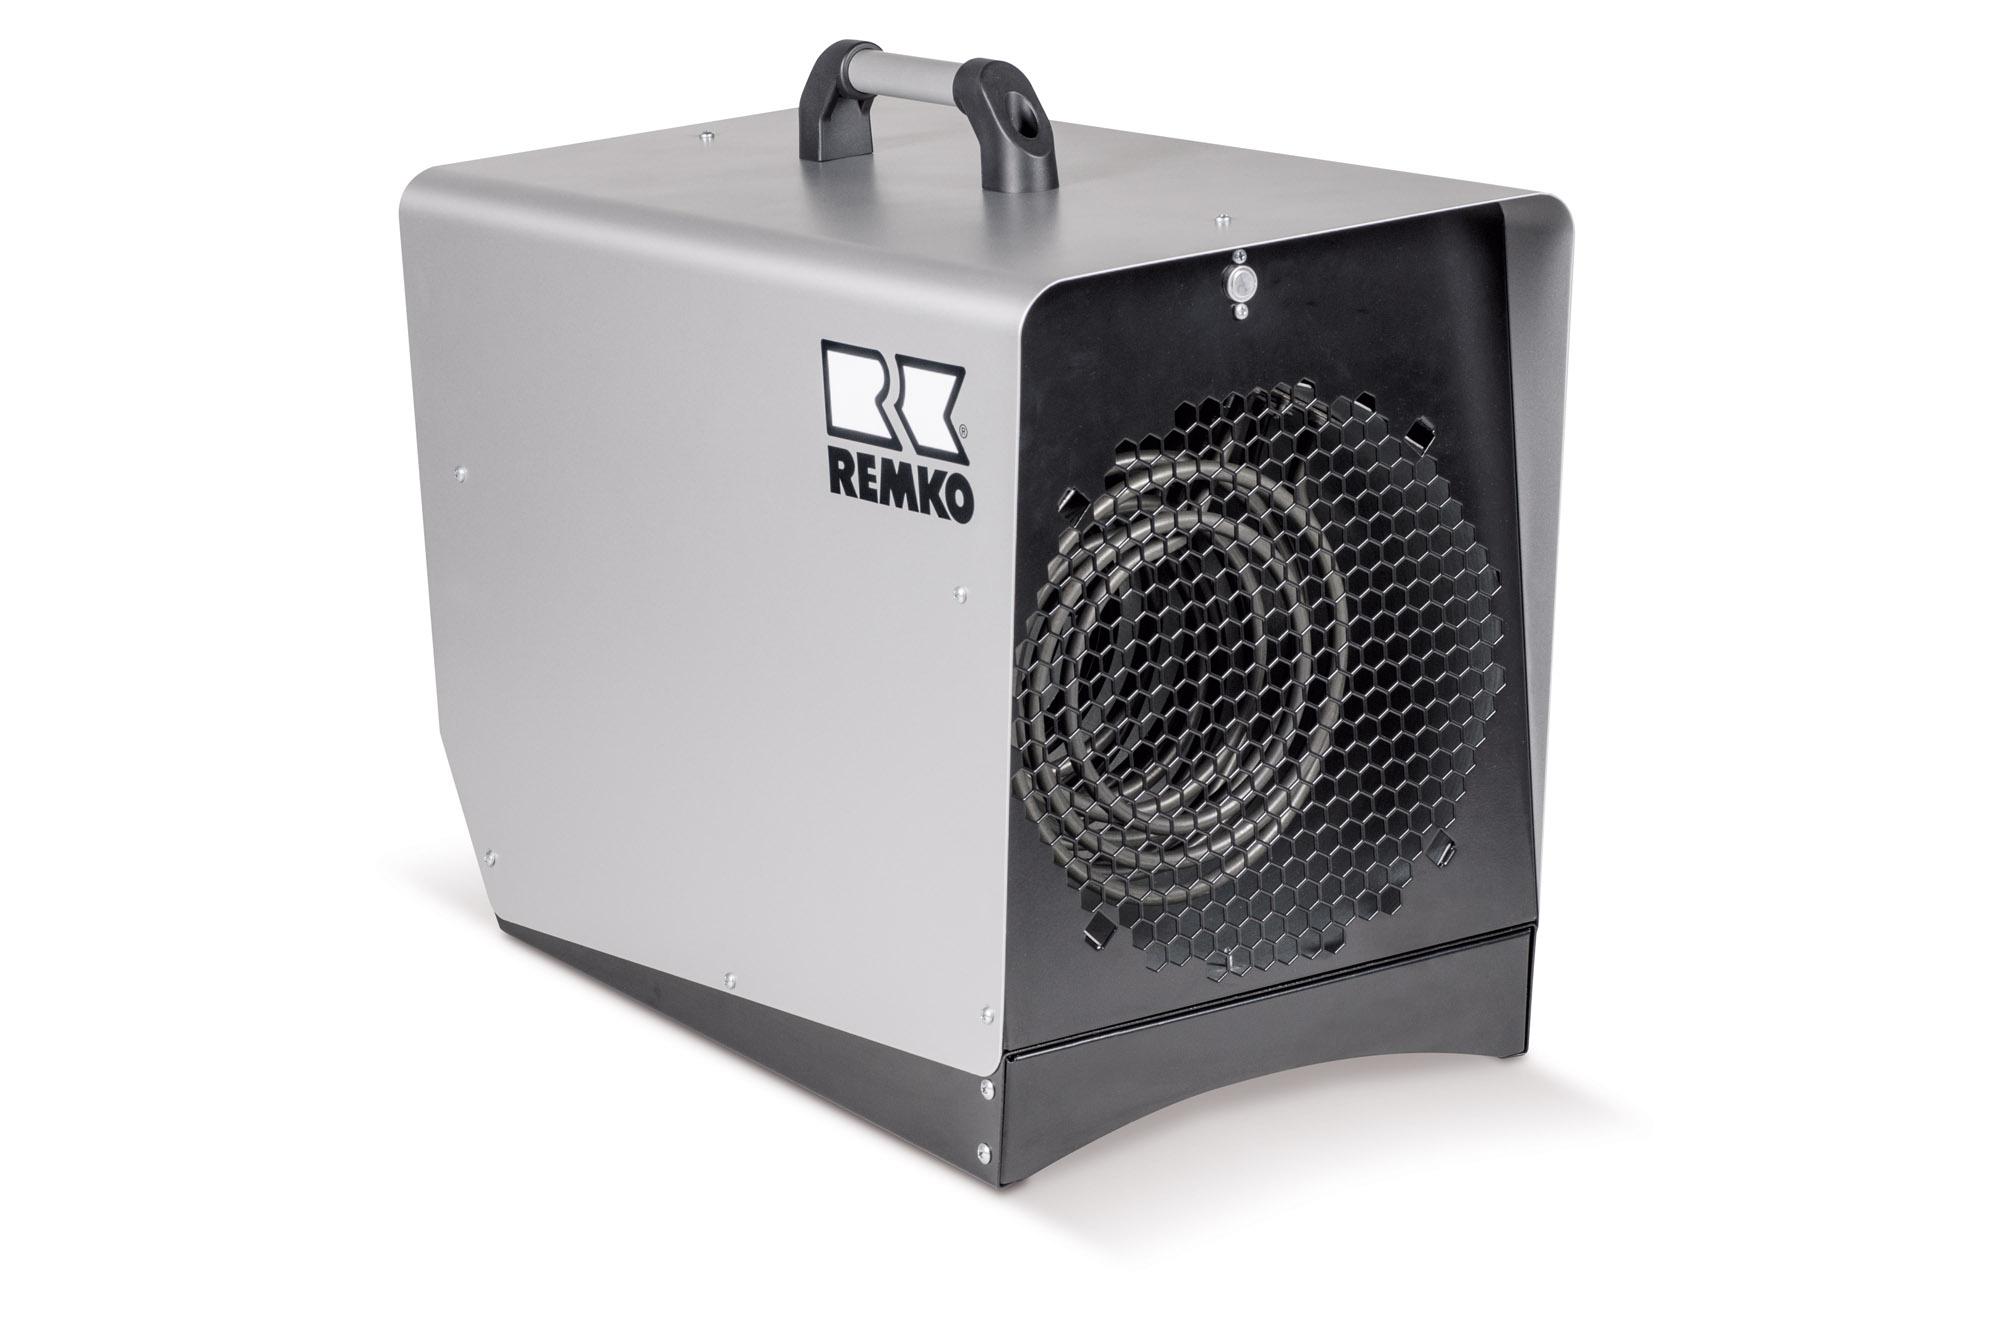 REMKO EM 6000 Mobiler Elektro Heizautomat - Robust, sicher und zuverlässig